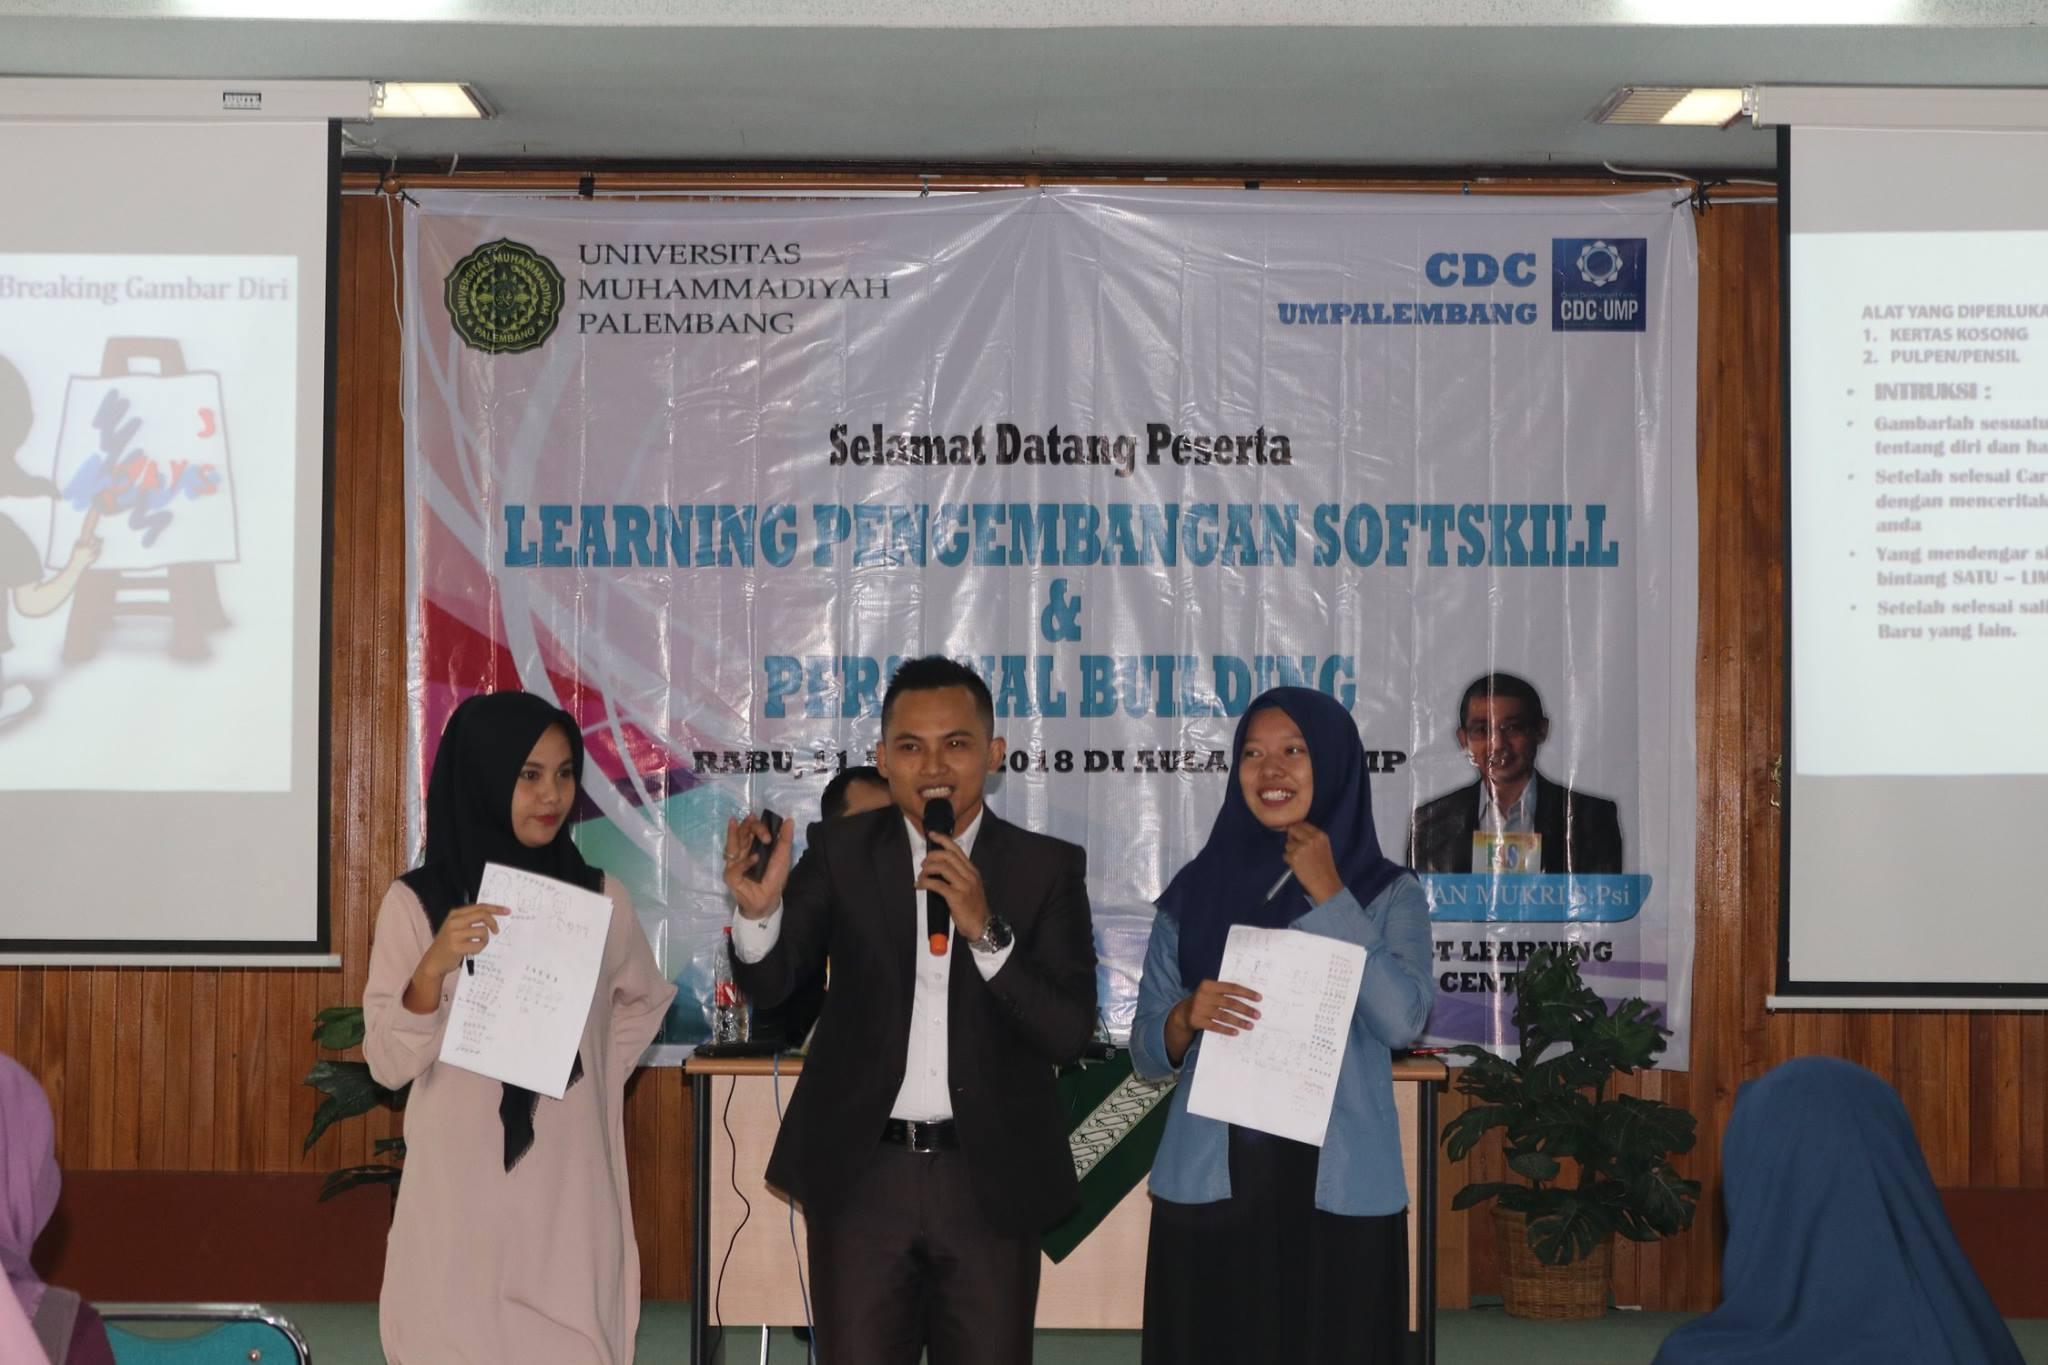 universitas-muhammadiyah-palembang-pascasarjana-007